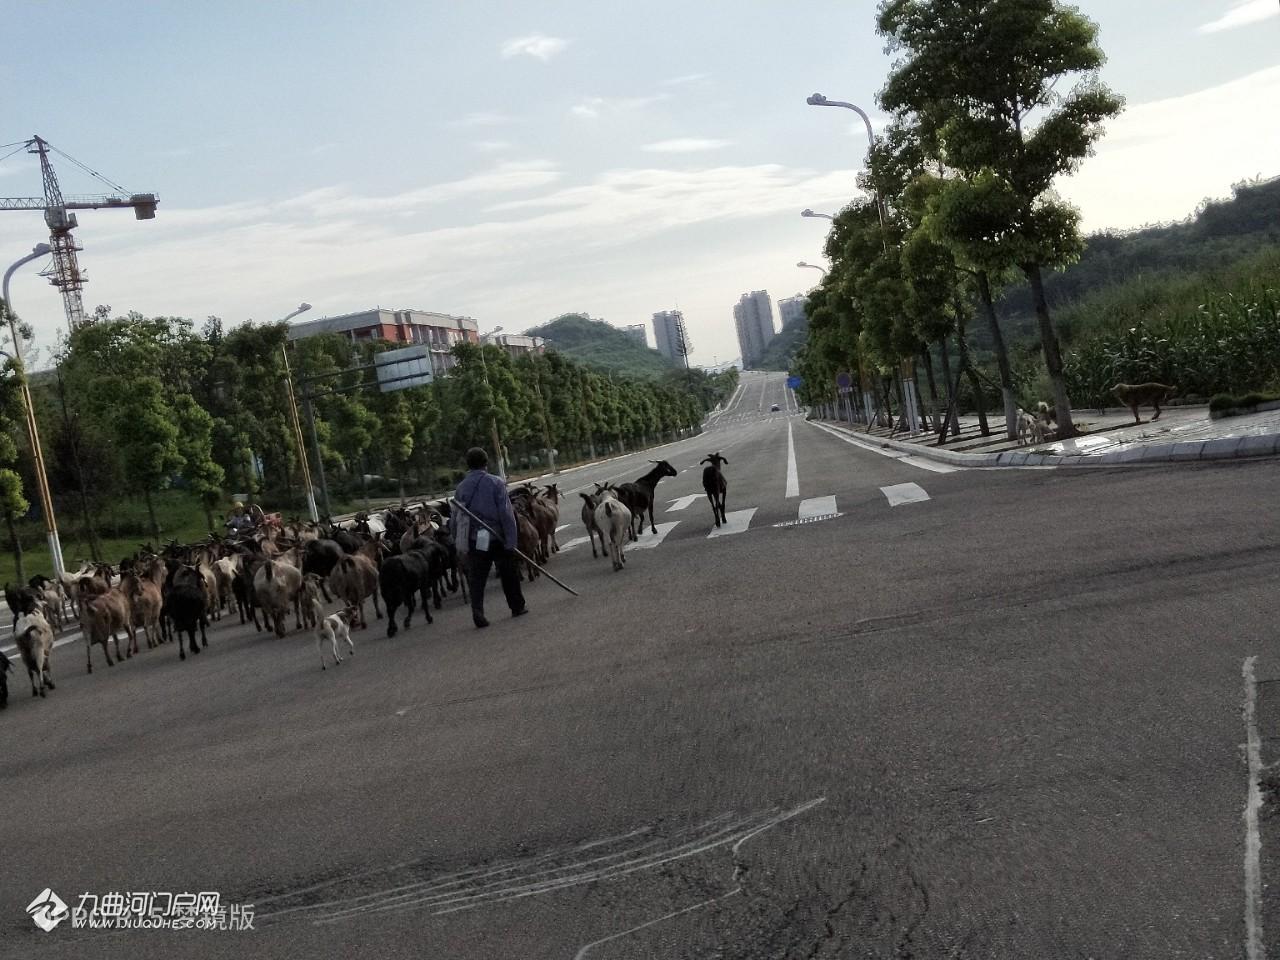 我在下班的路上居然偶遇了羊群,大大小小可能有上百头!